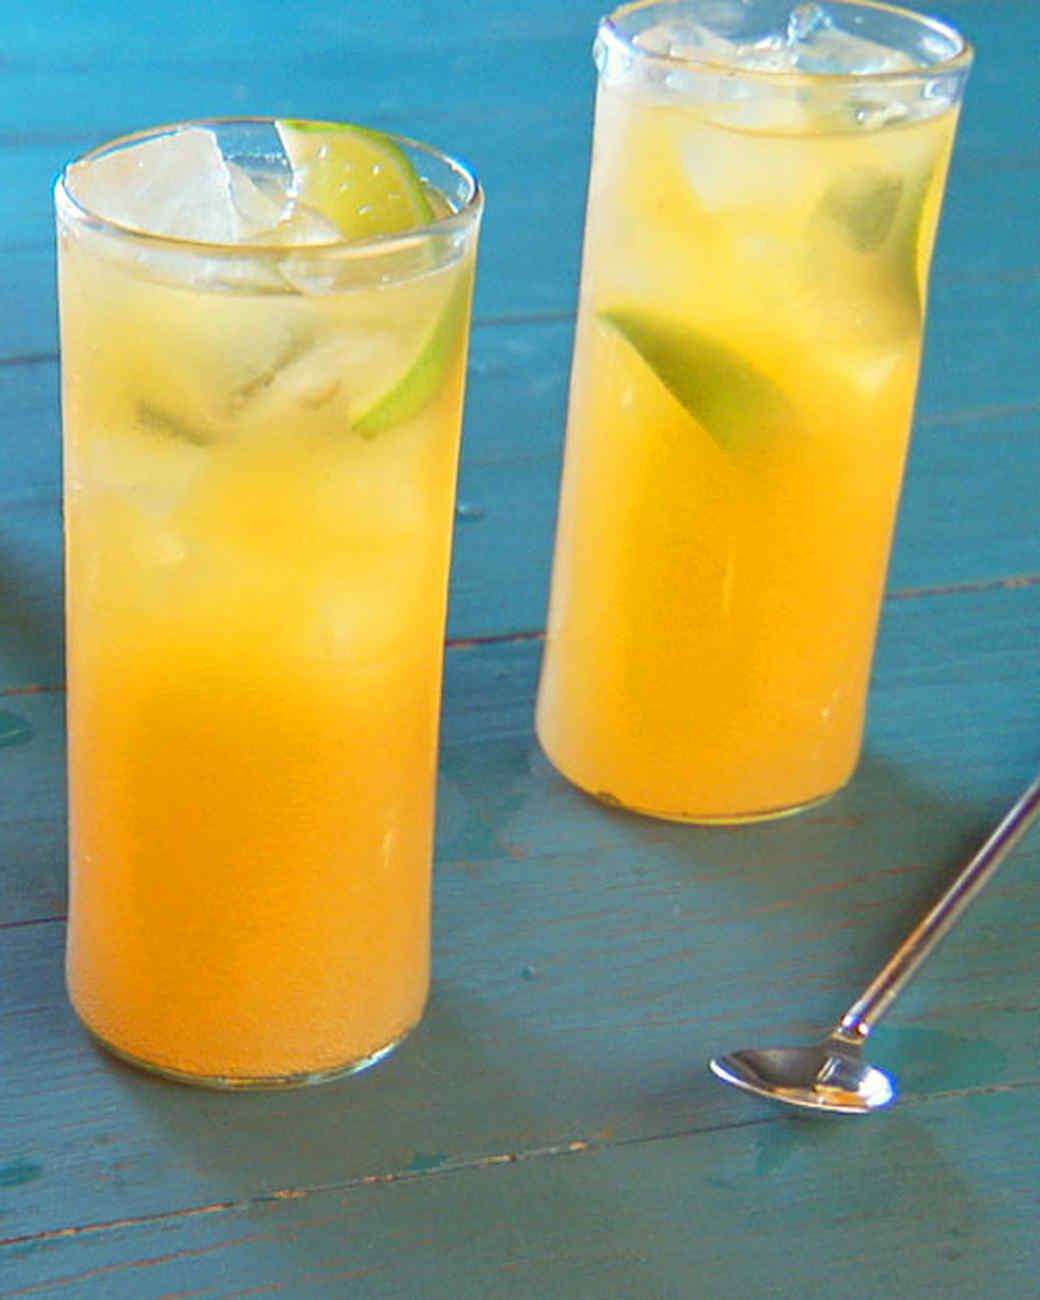 mh_1019_aranciata_cocktail.jpg